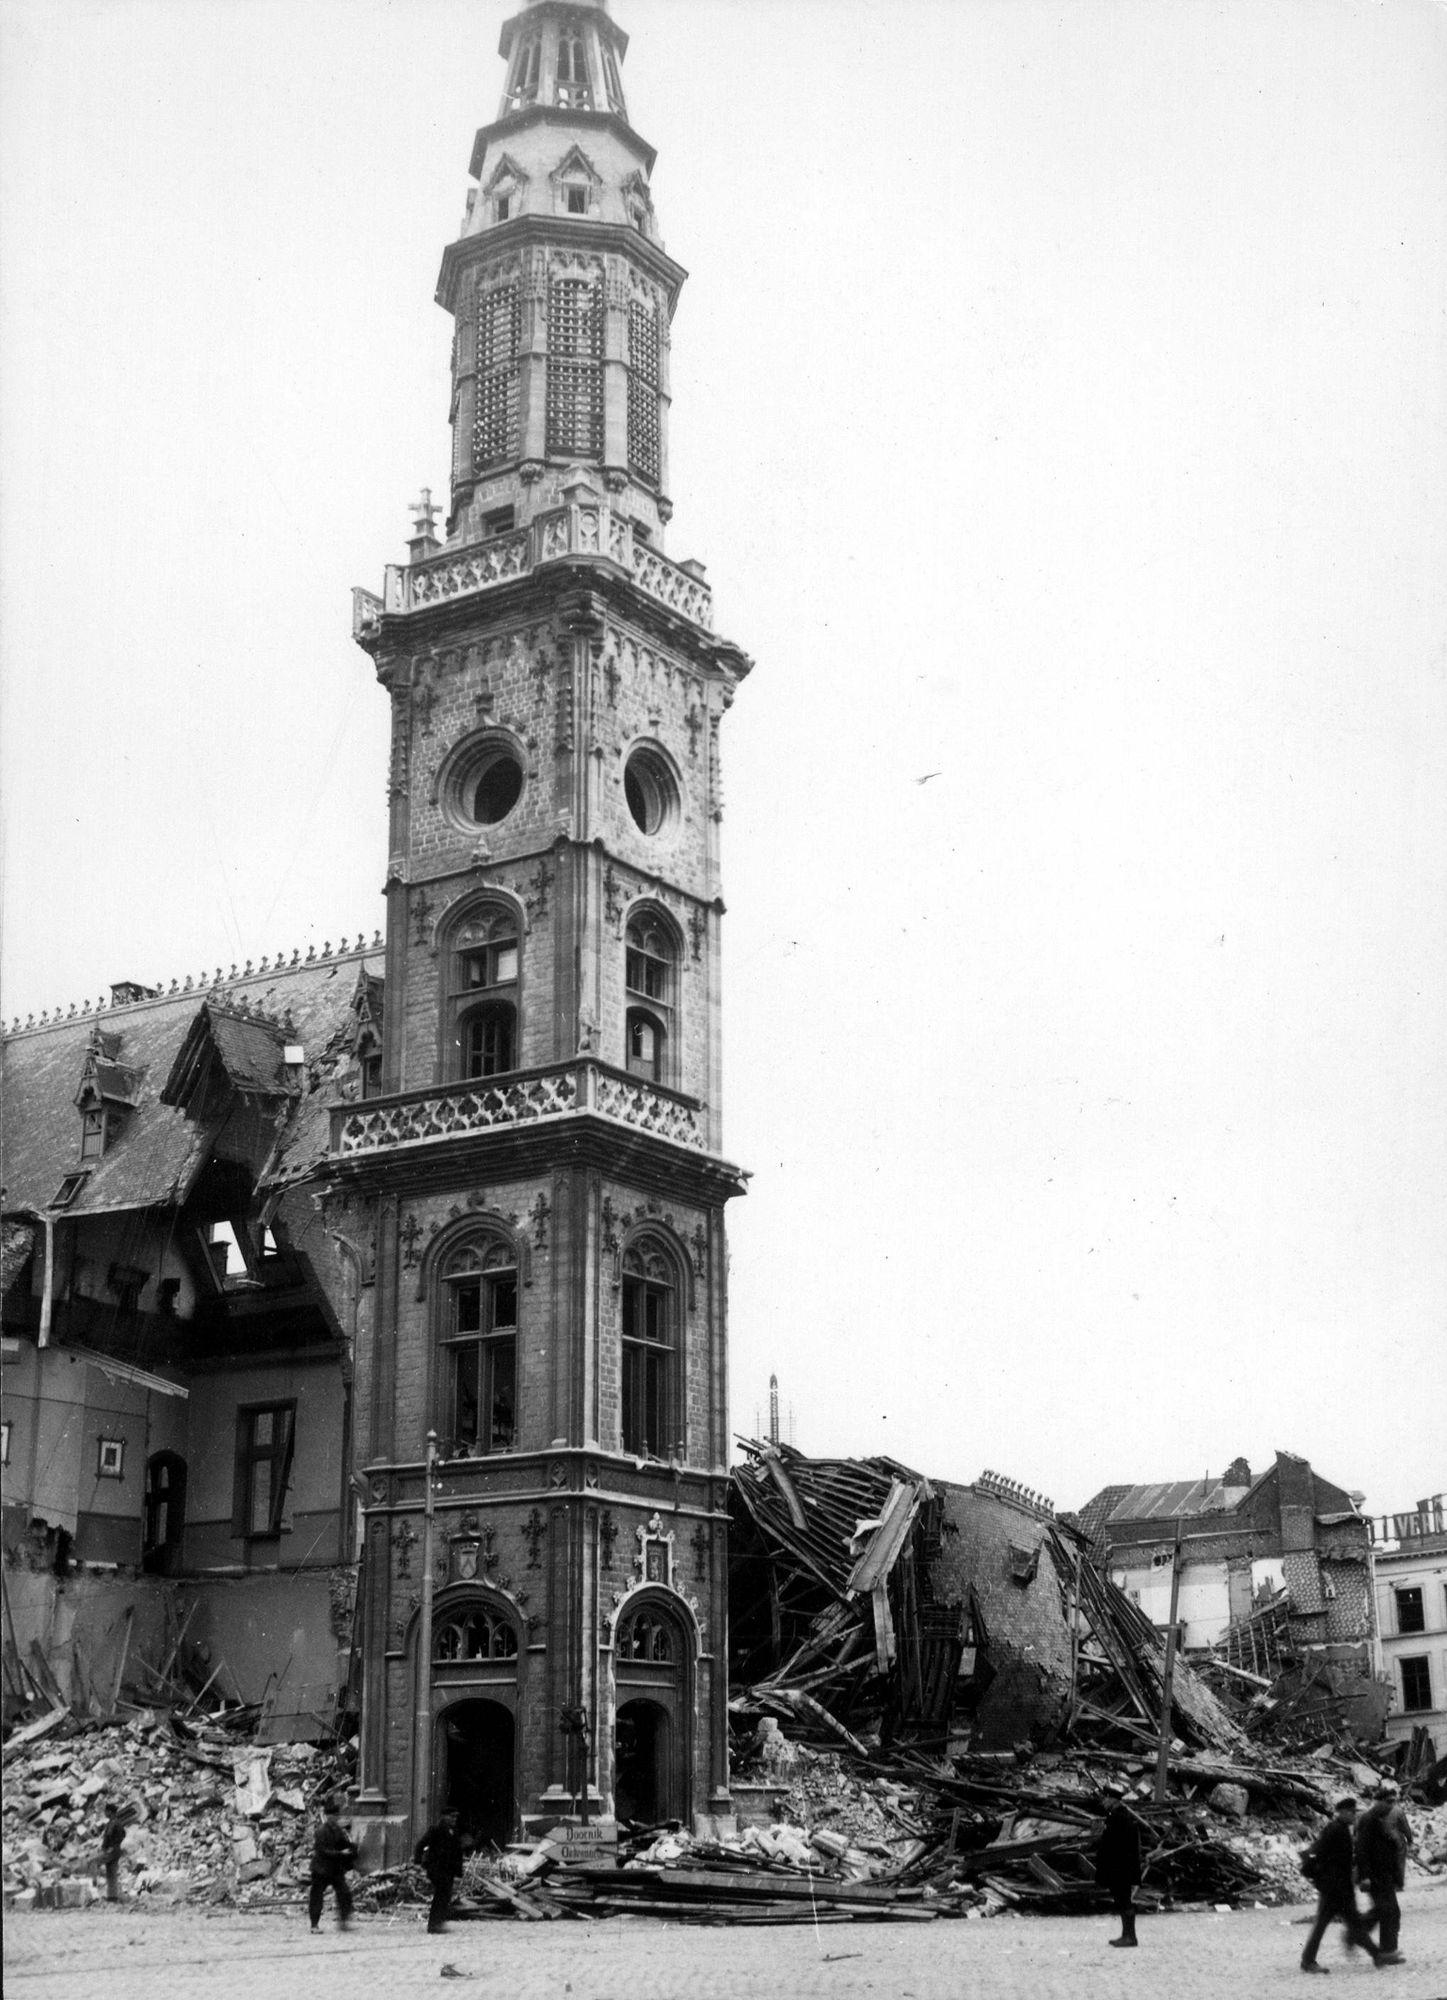 Postgebouw in 1944